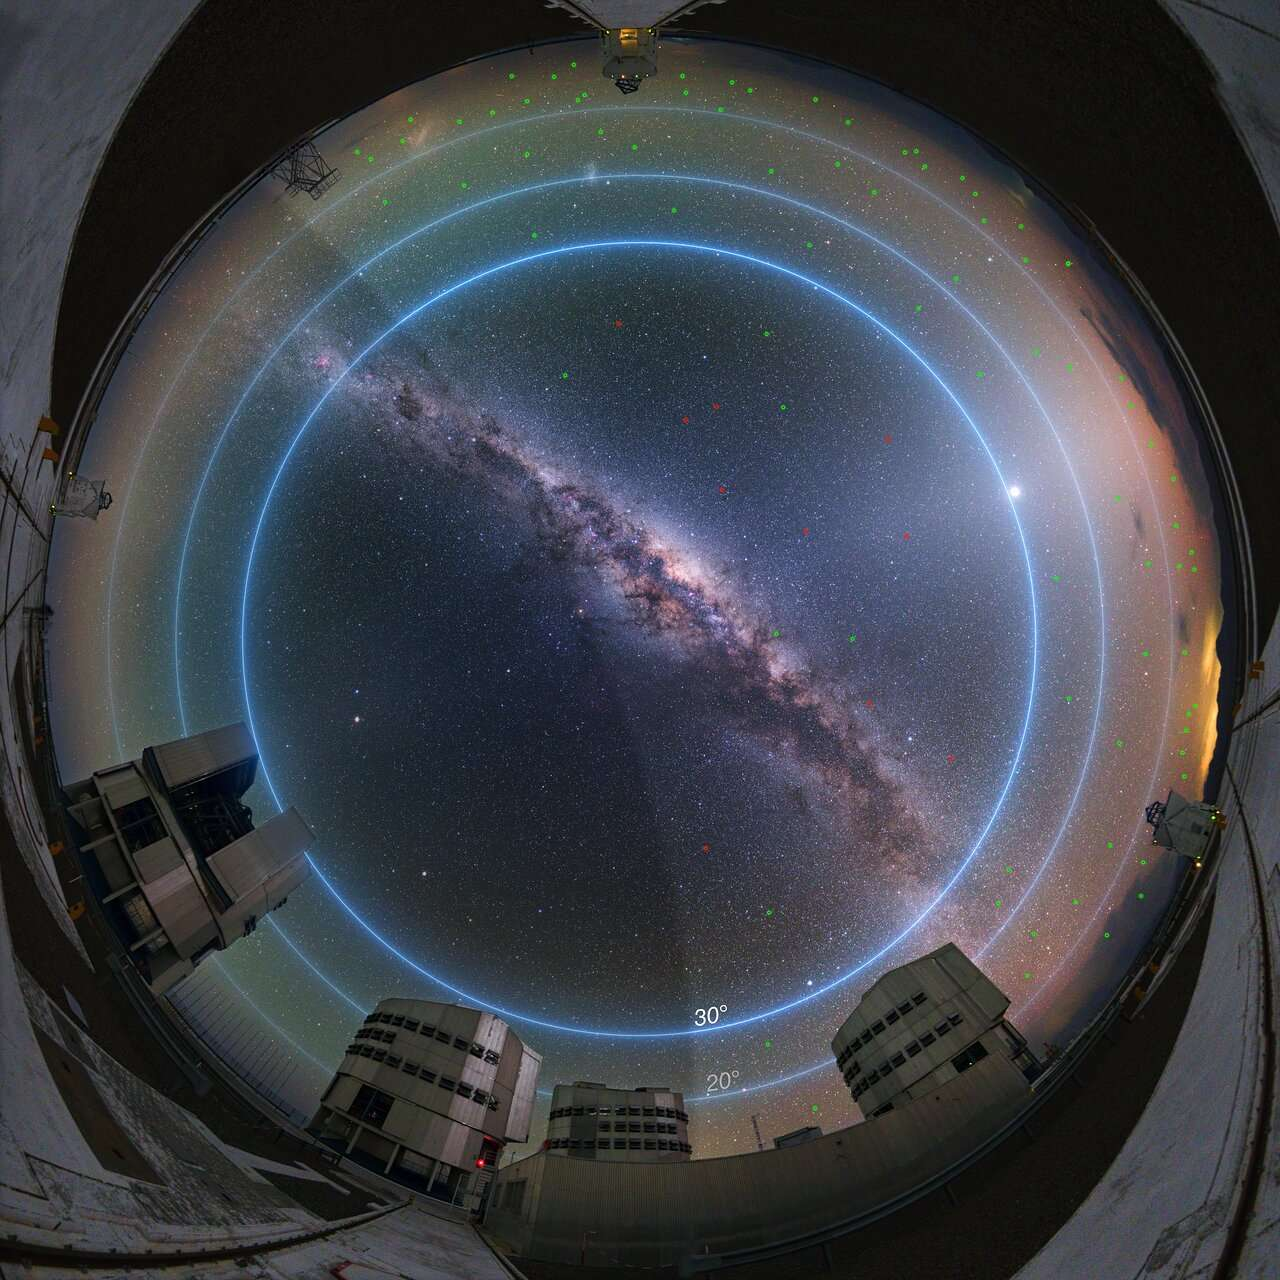 Les zones du ciel les plus affectées par les constellations de satellites sont les plus périphériques. © ESO